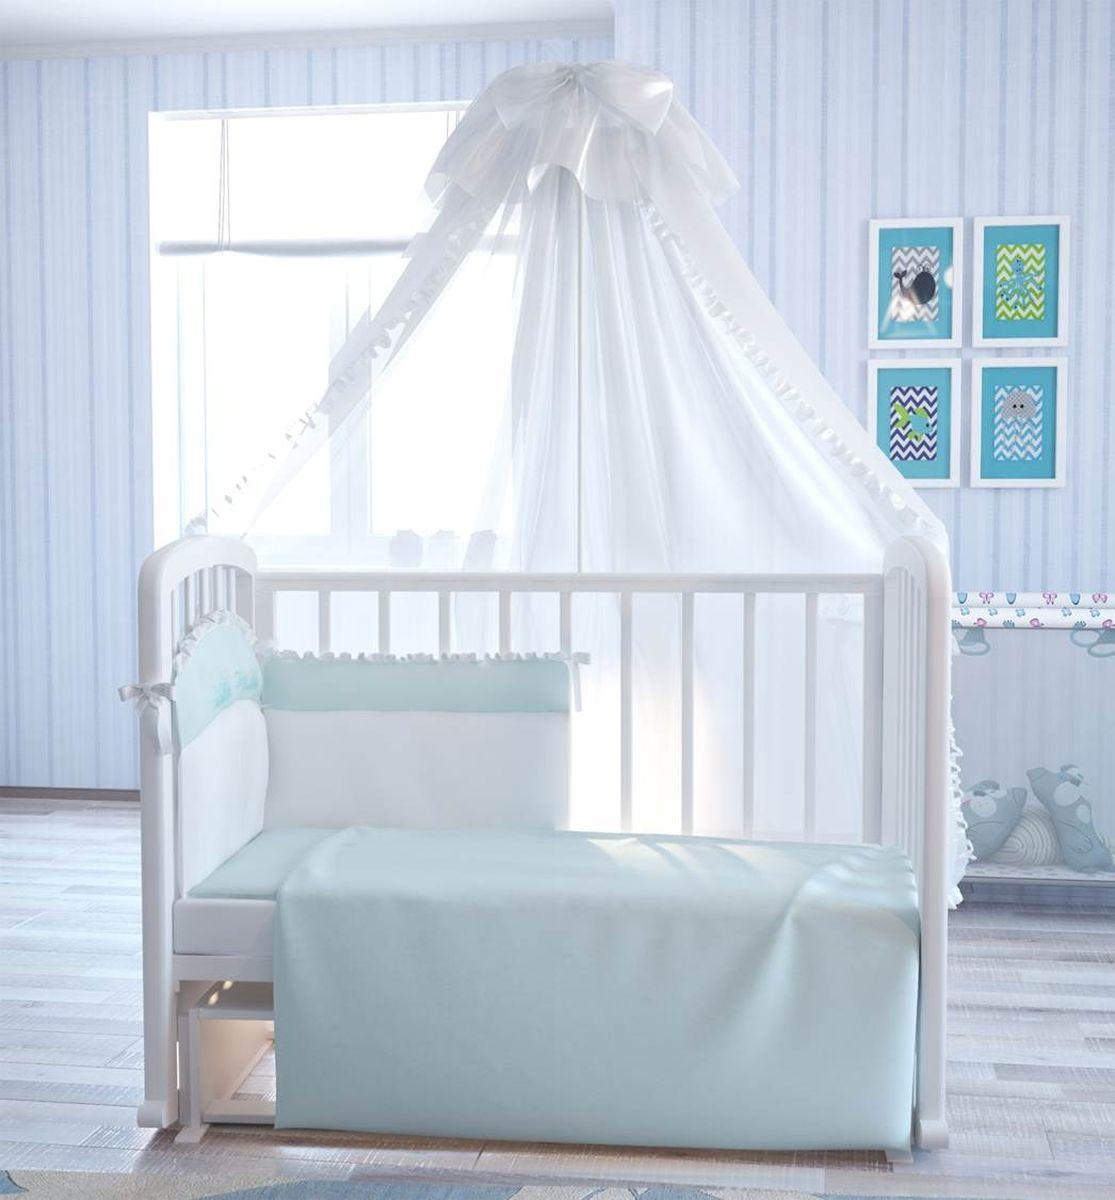 Fairy Комплект белья для новорожденных Сладкий сон цвет белый голубой 7 предметов